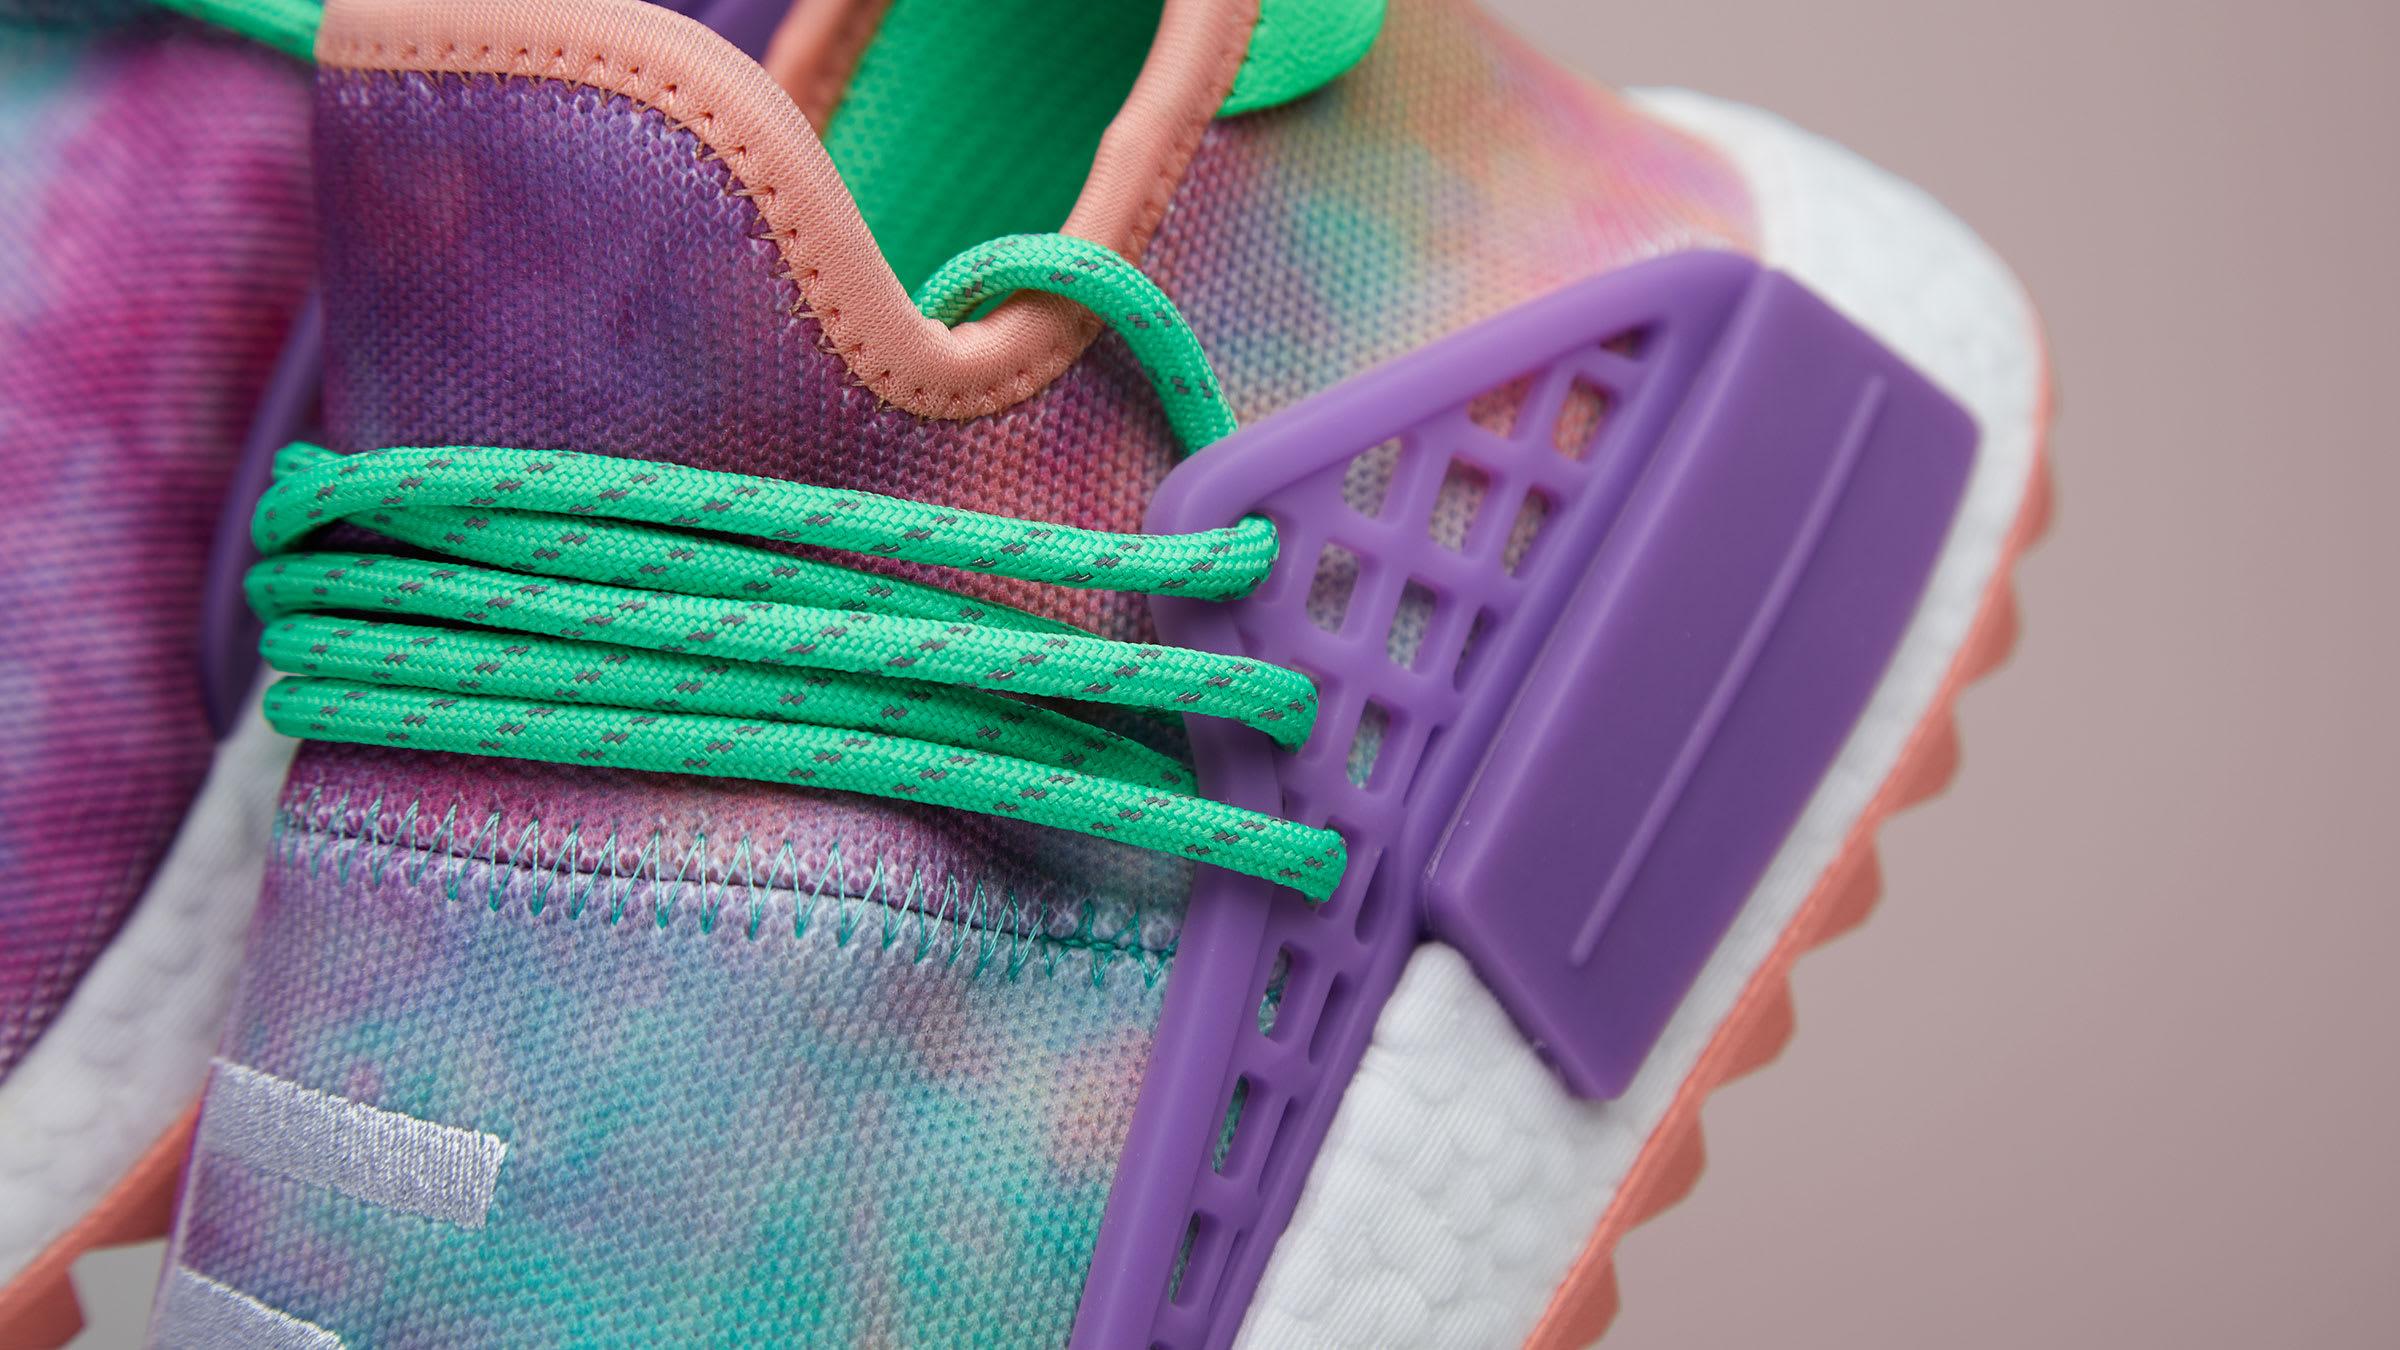 cd3908302c8f6 Adidas x Pharrell Williams HU NMD  Holi Powder Dye  (Chalk Coral)